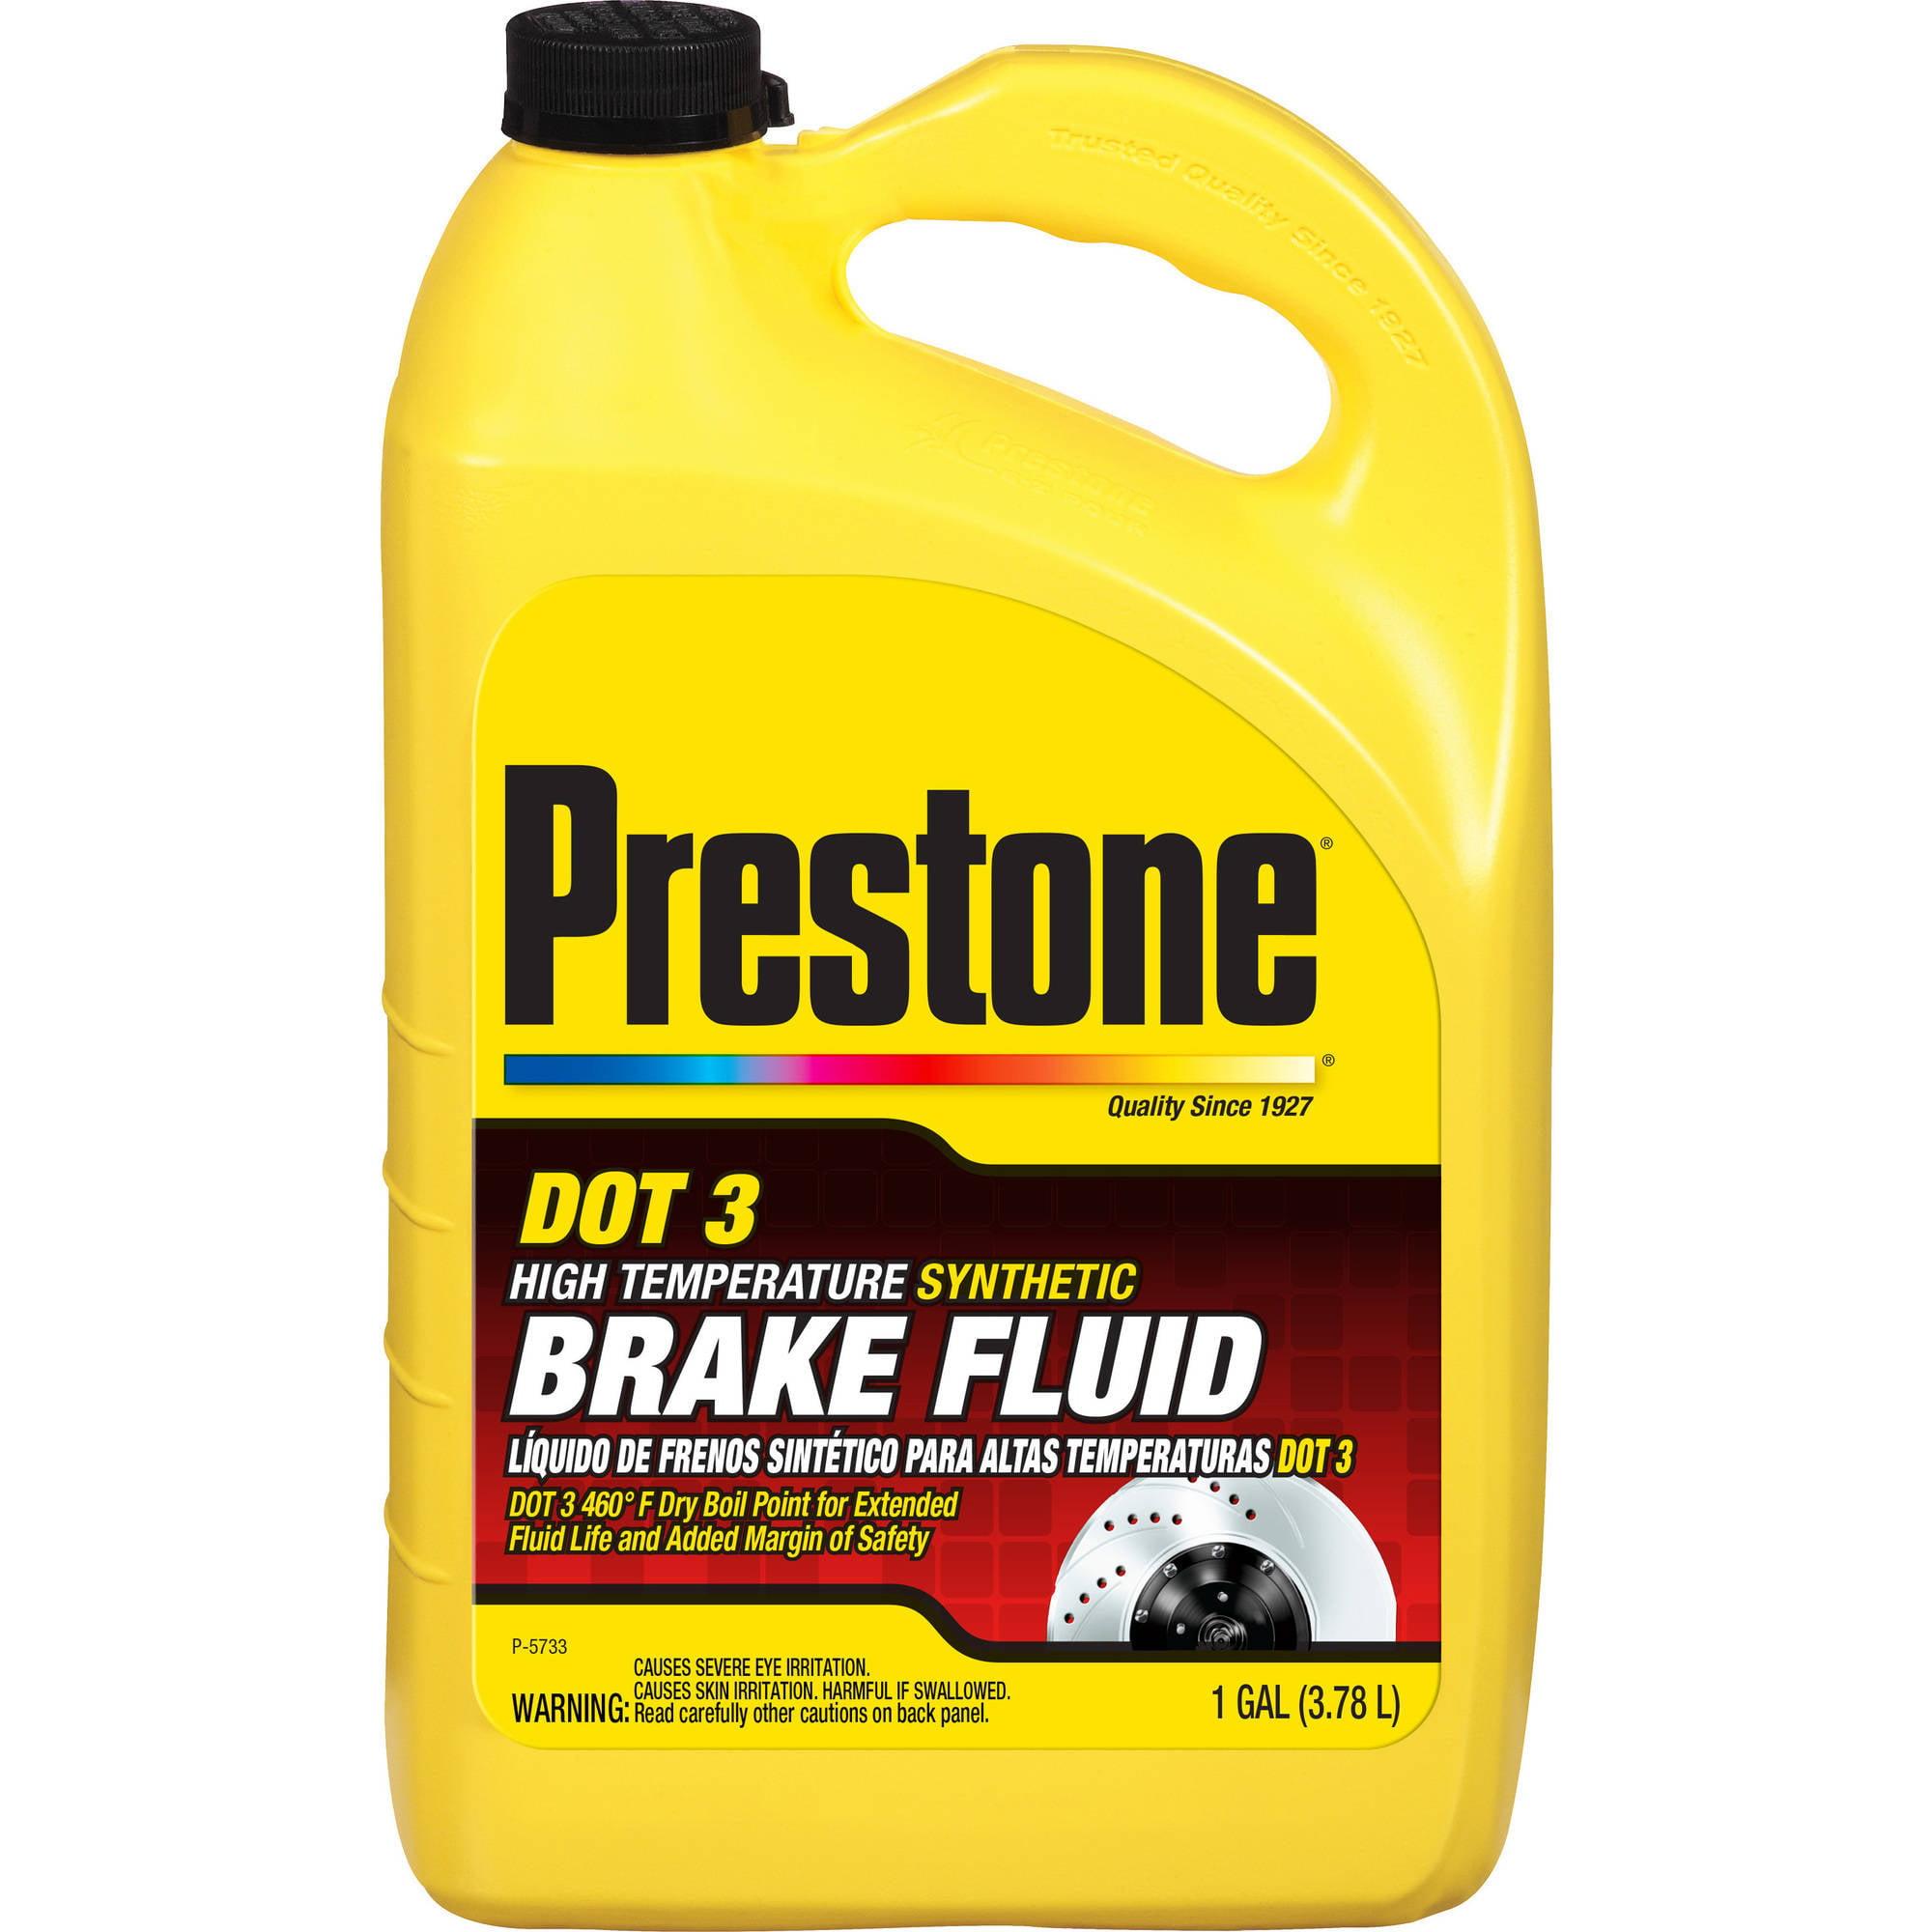 Prestonea Hi Temp Synthetic Dot 3 Brake Fluid 1 Gal Walmart Com Walmart Com